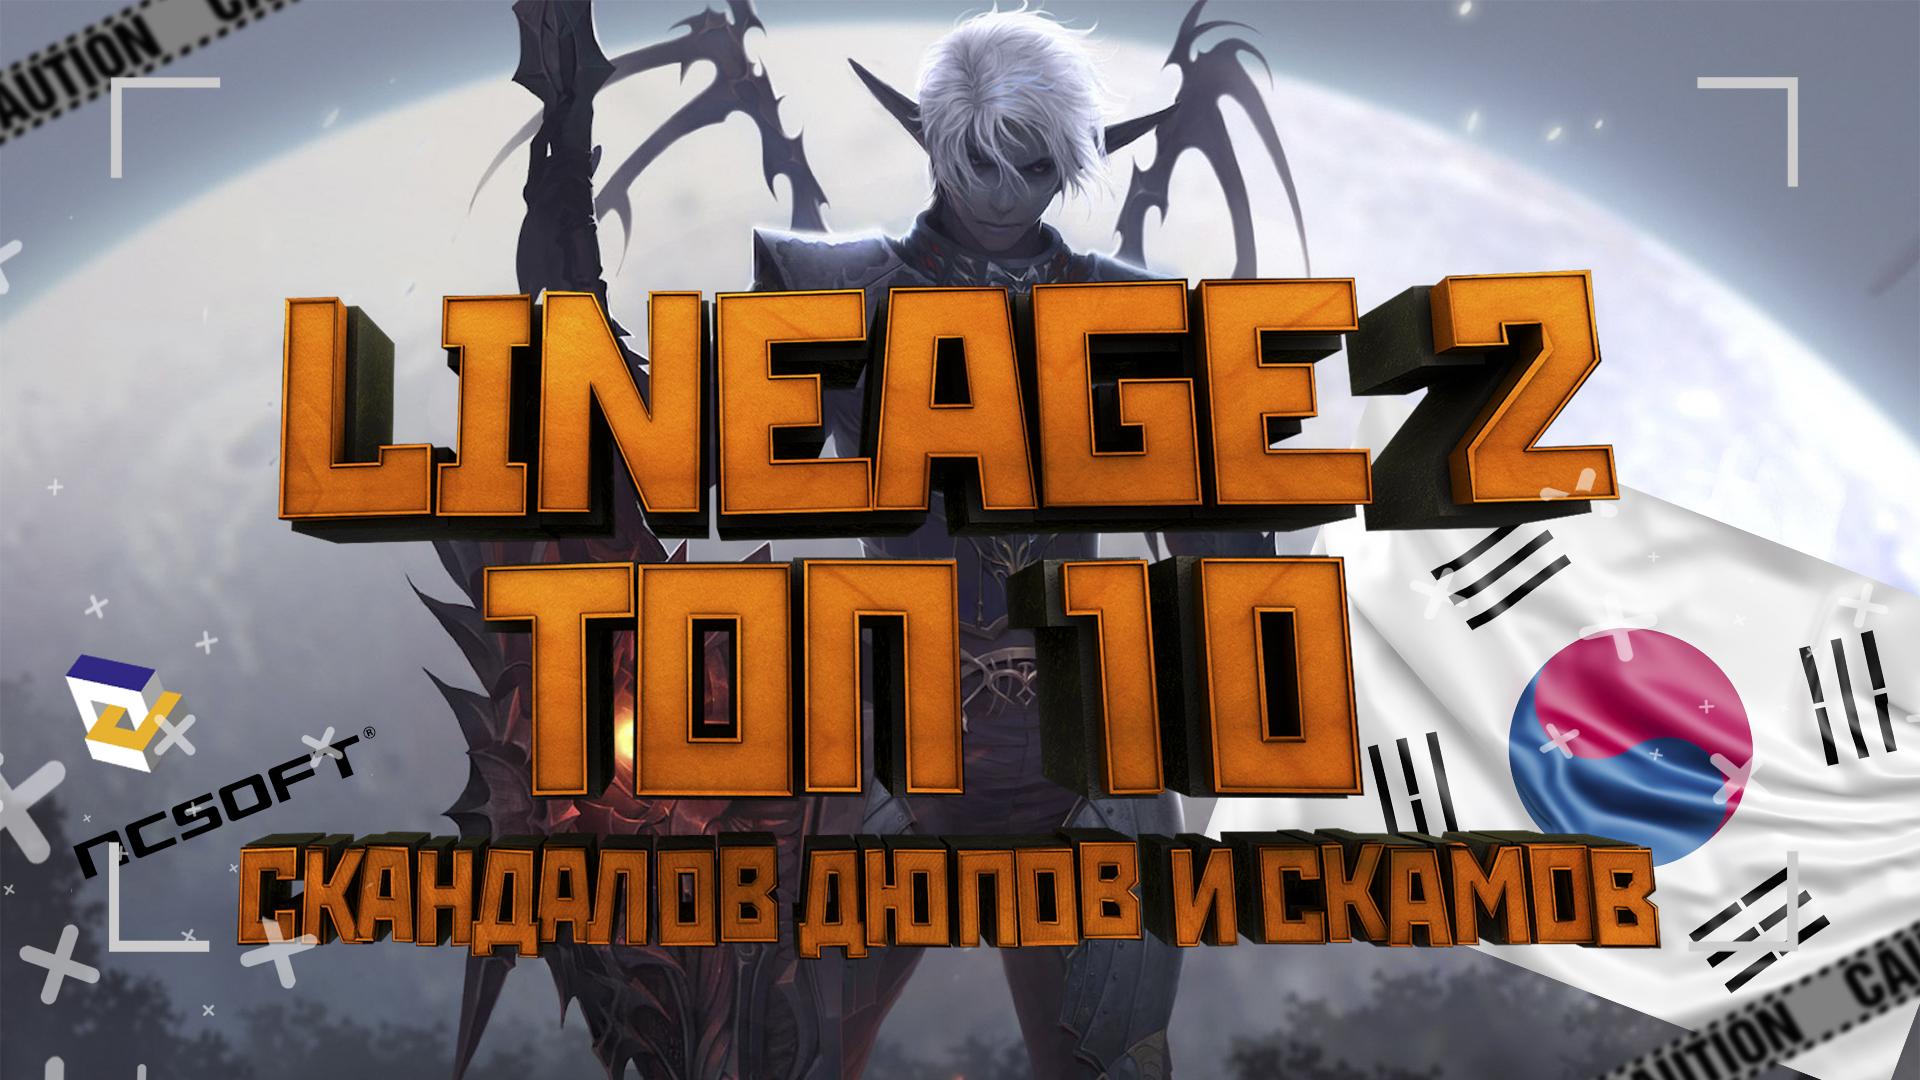 Lineage II: Топ 10 скандалов, дюпов, багов и скамов на корейских серверах lineage 2